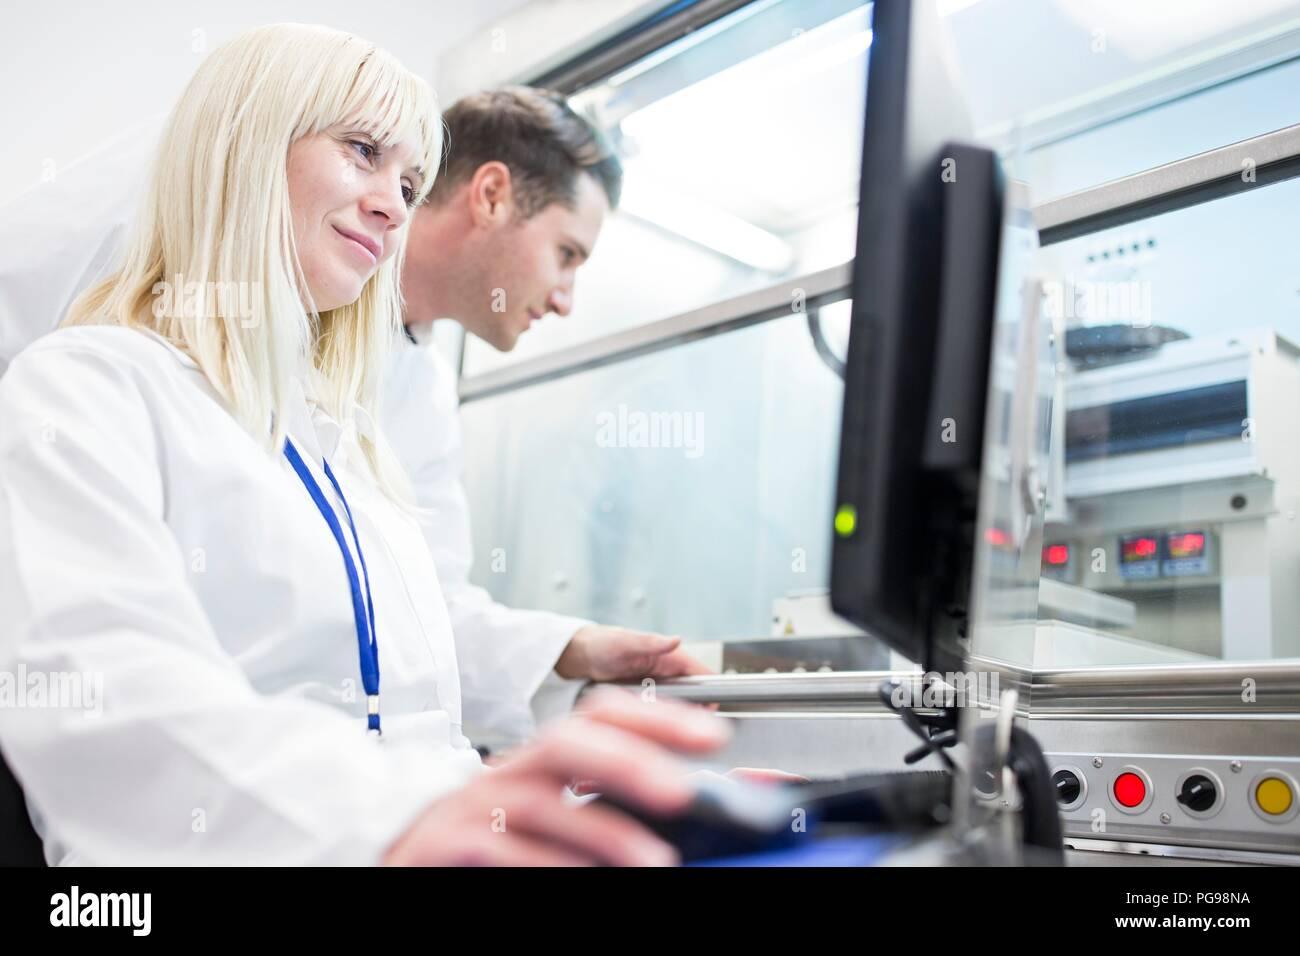 Wissenschaftler mithilfe eines 3D-biologischen Drucker. Die Maschine kann eine Reihe von Biomaterial verwenden, um Gewebe zu drucken. Stockbild